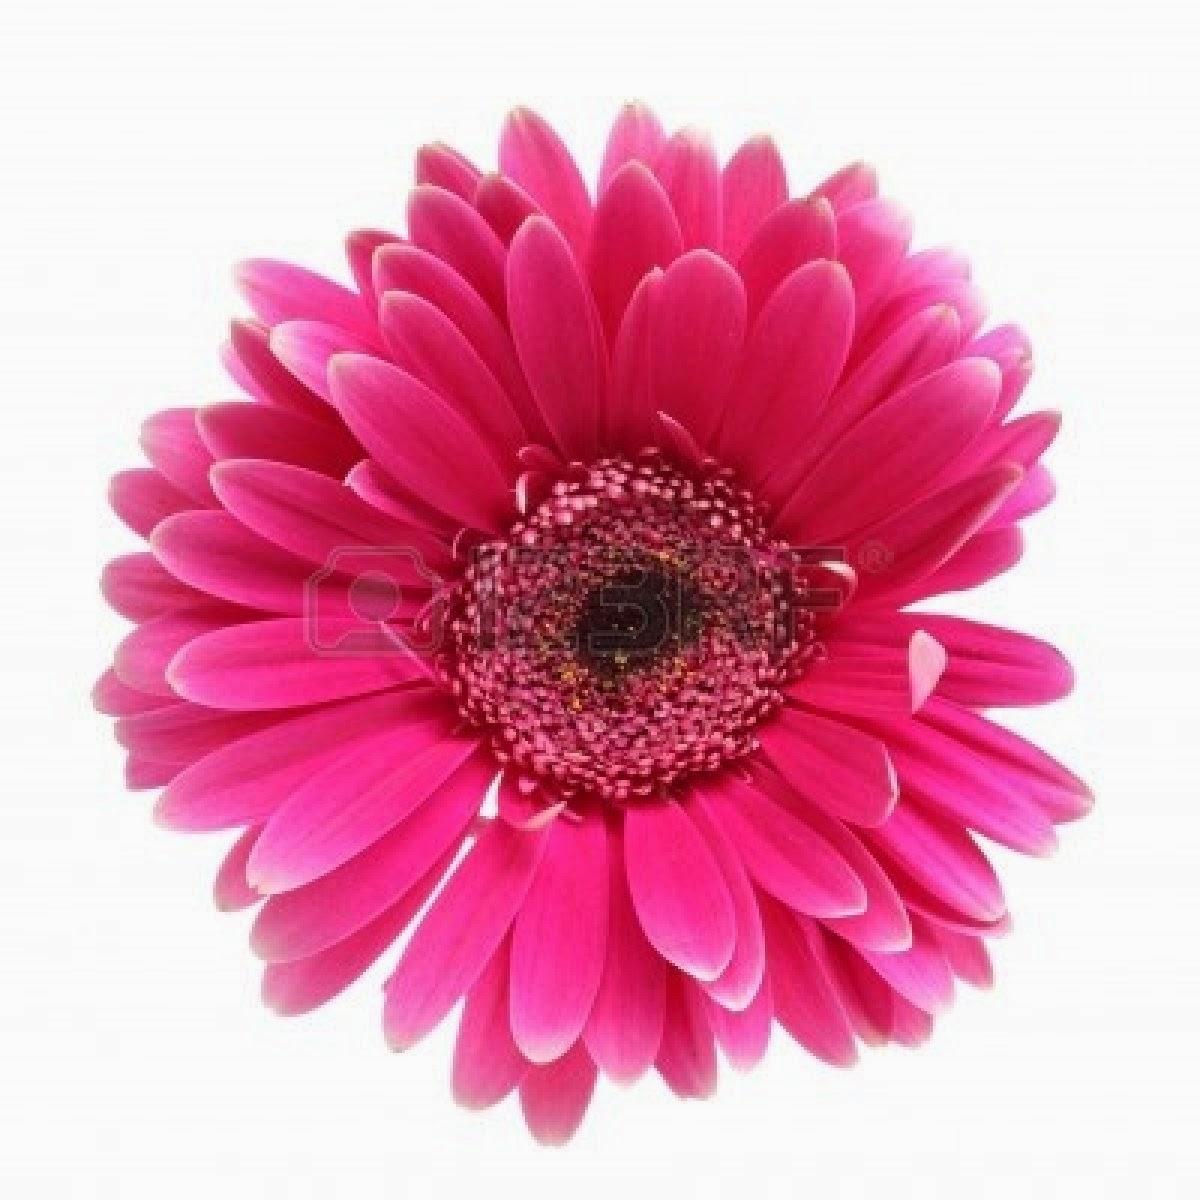 Flower White Backgroundhttprefreshrosespot